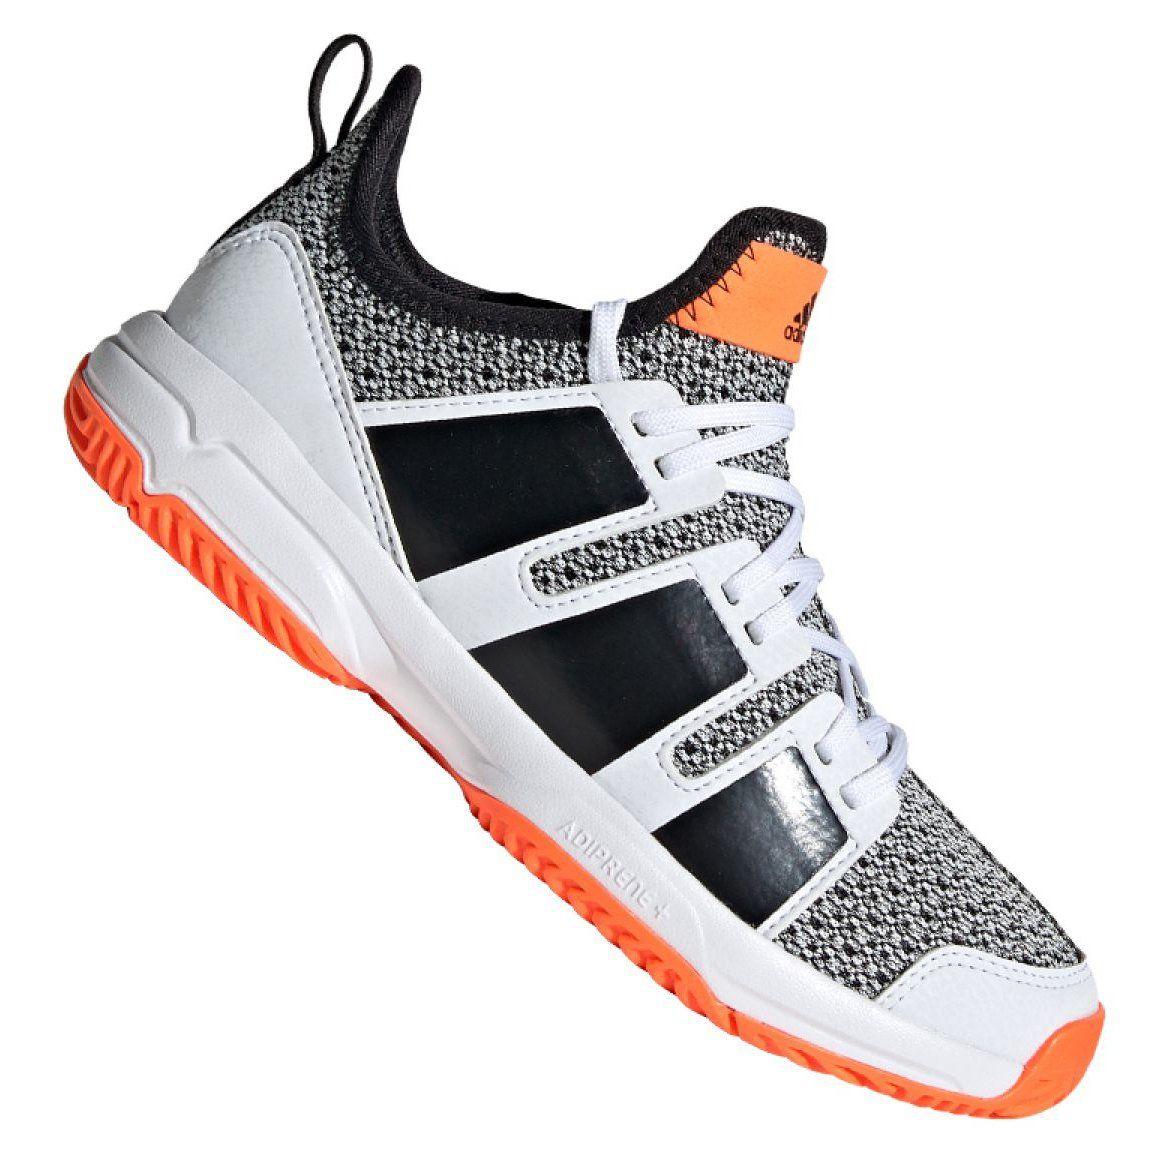 Buty Do Pilki Recznej Adidas Stabil Jr F33830 Wielokolorowe Szare Puma Fierce Sneaker Top Sneakers High Top Sneakers